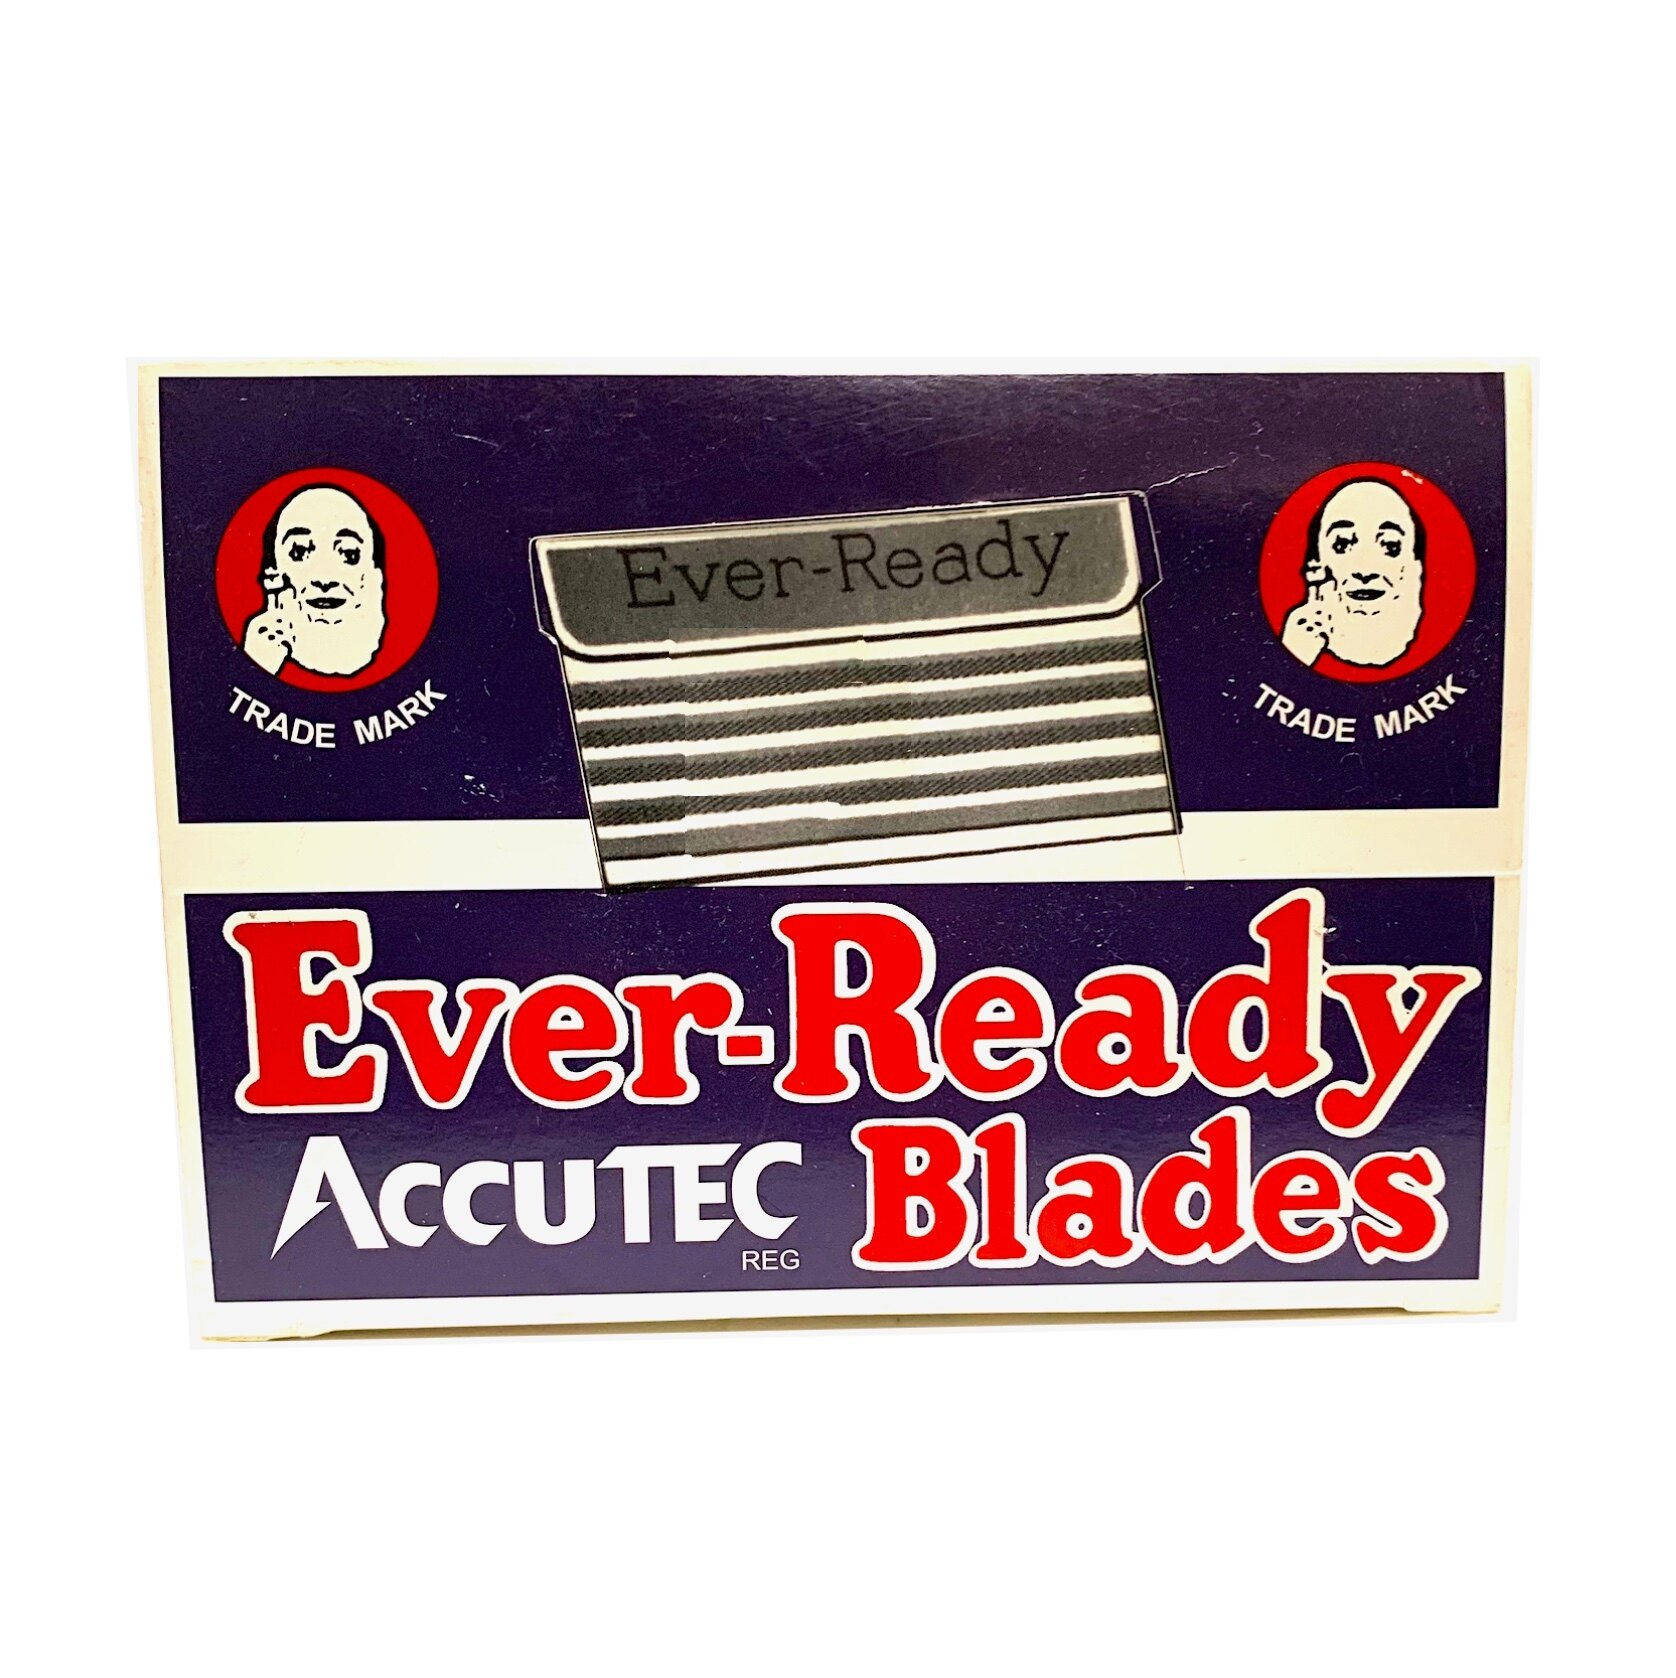 ■川鈺■ 老人頭 ACCUTEC 單面刀片 120片/24盒 刀片 刮鬍刀 老式刮鬍刀片 美國品牌 美國刀片